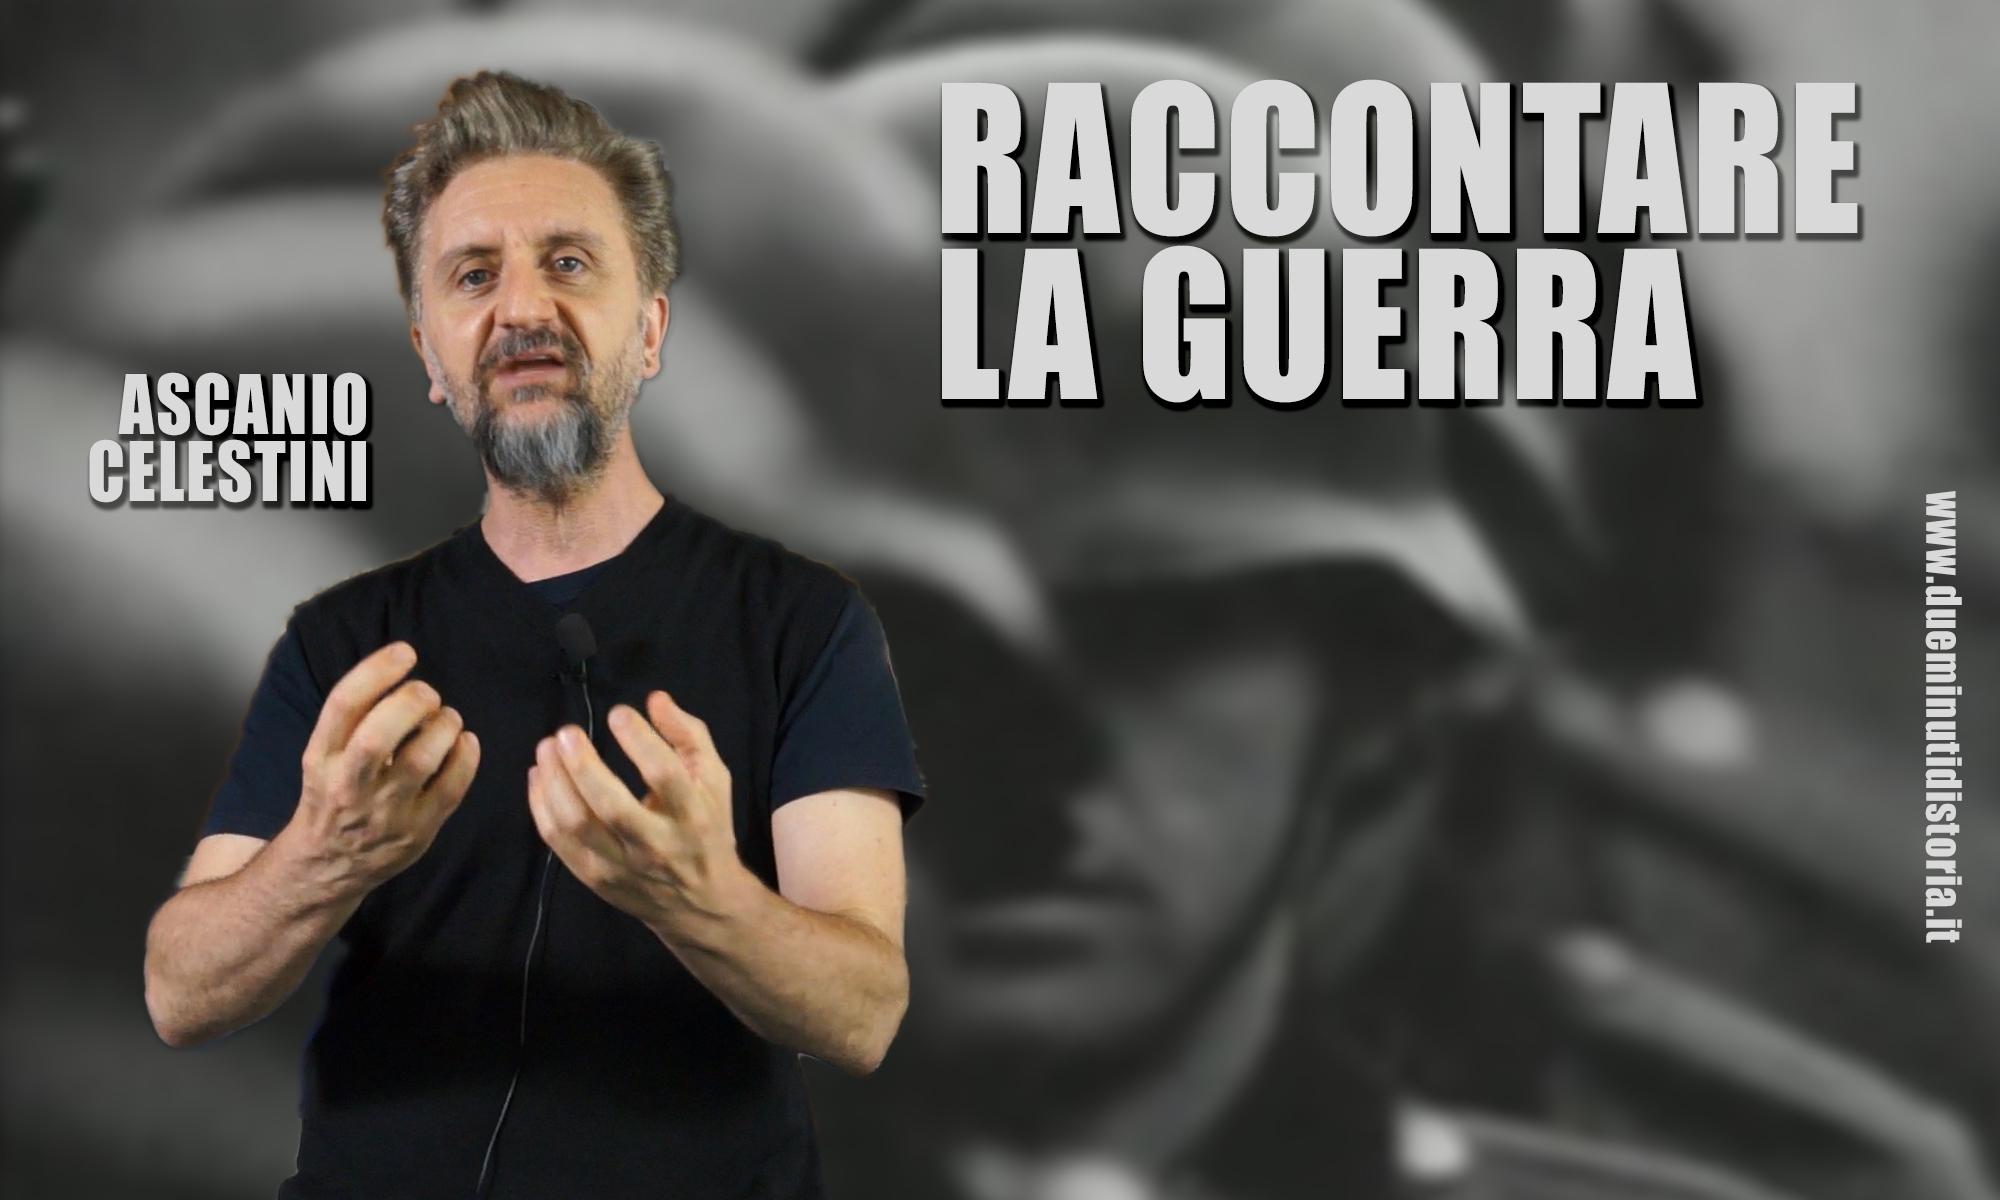 Ascanio Celestini, raccontare la guerra